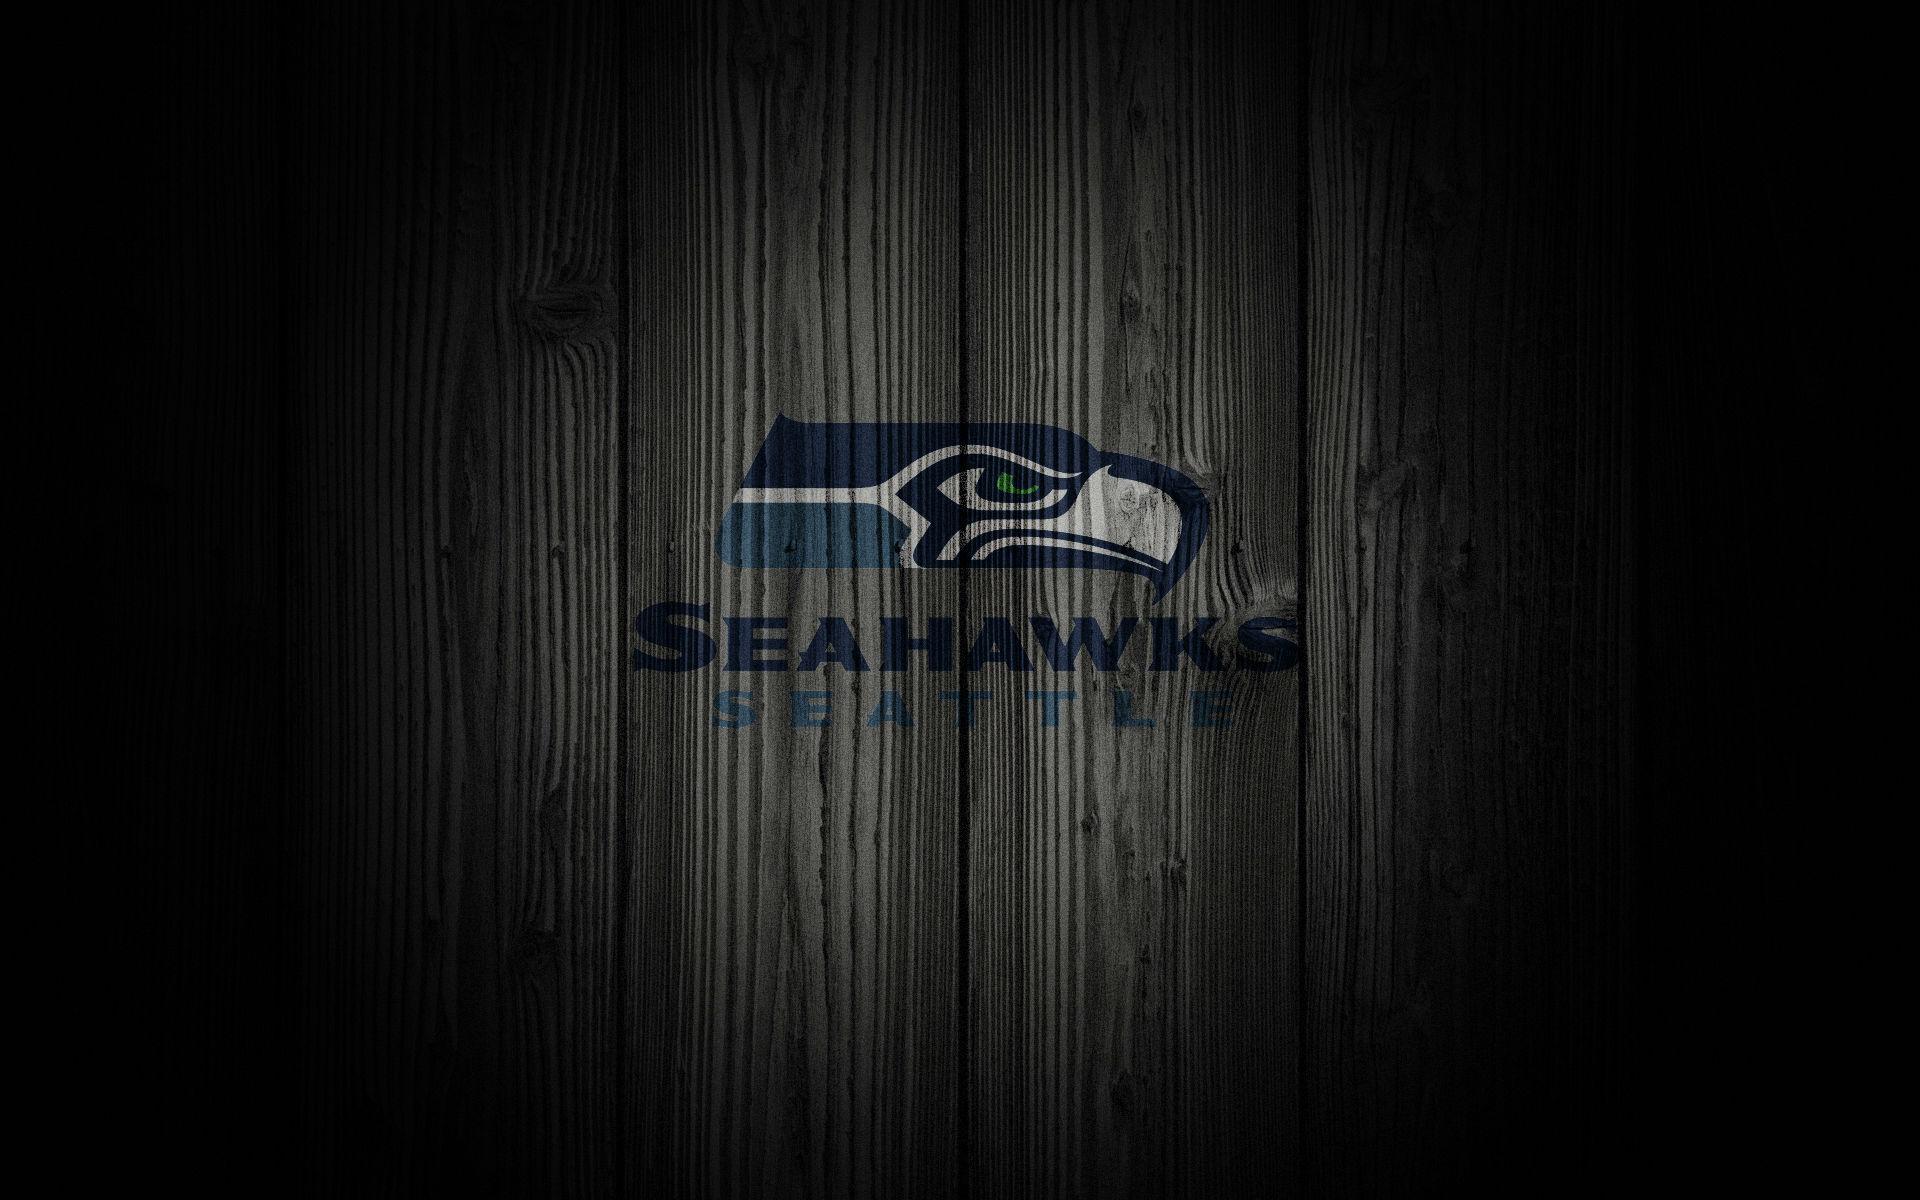 Hd Wallpapers Seattle Seahawks 1600 X 1200 129 Kb Jpeg HD Wallpapers 1920x1200